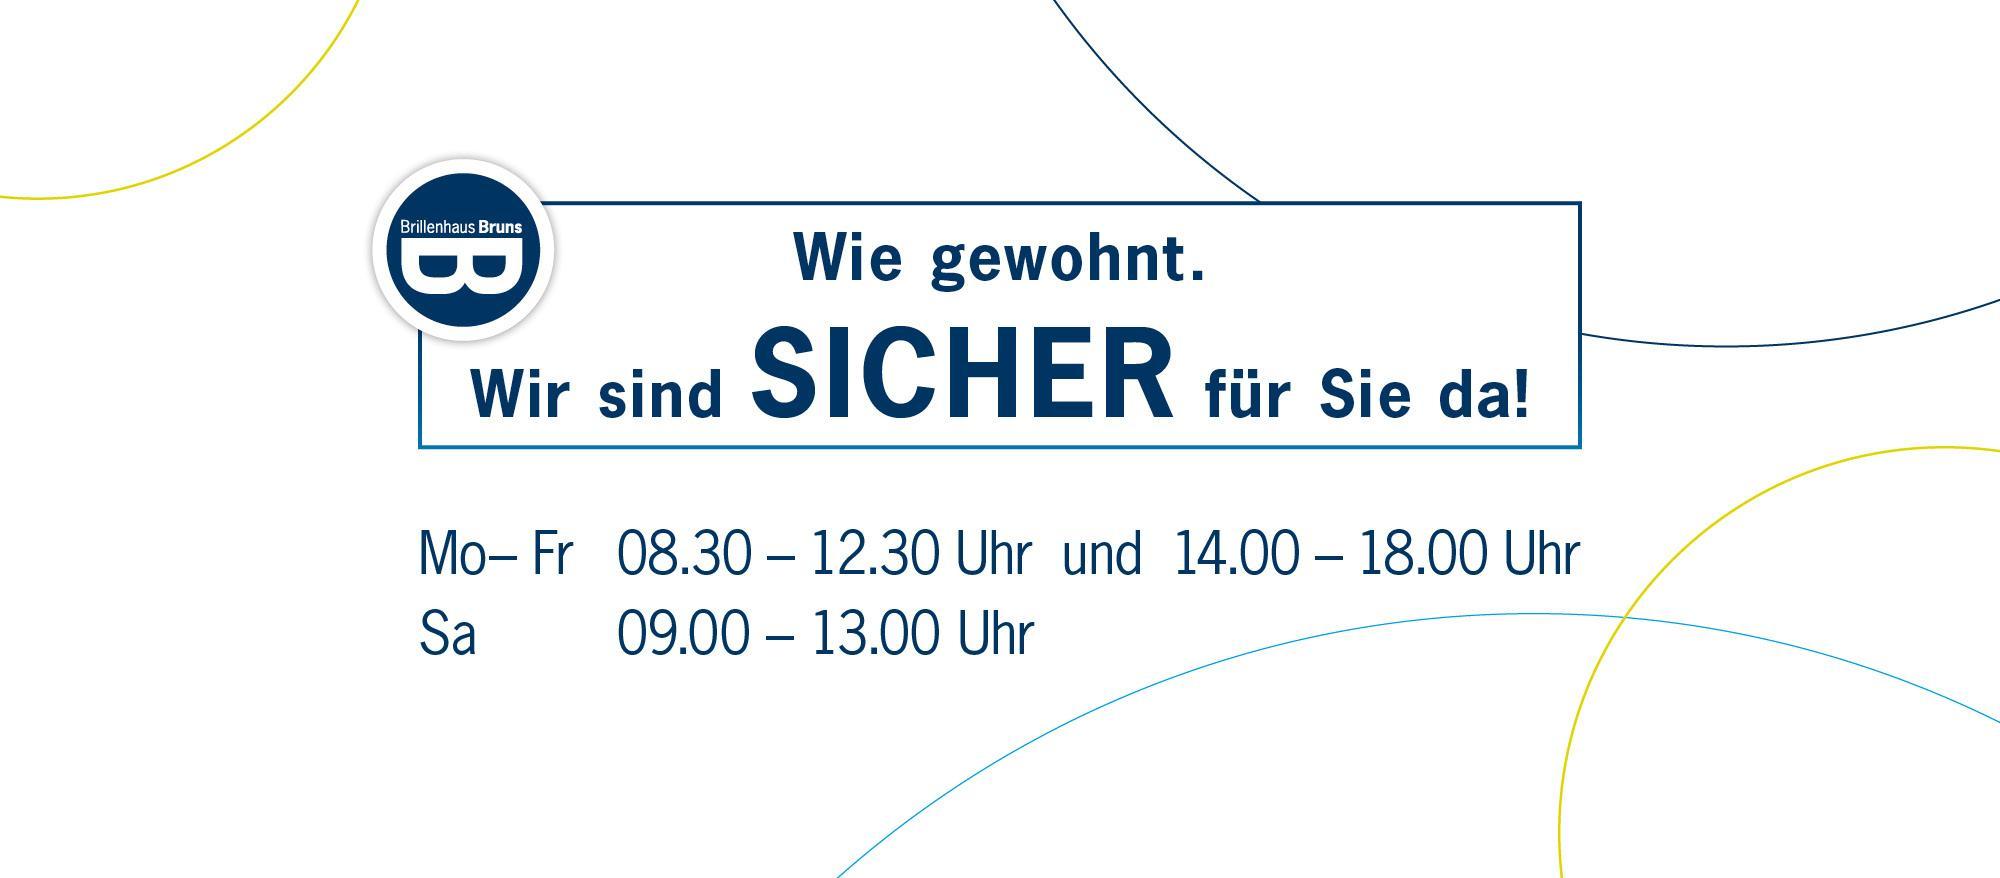 BRUNS_Slider_2000x878_Öffnungszeiten-gewohnt-SICHER_NEU